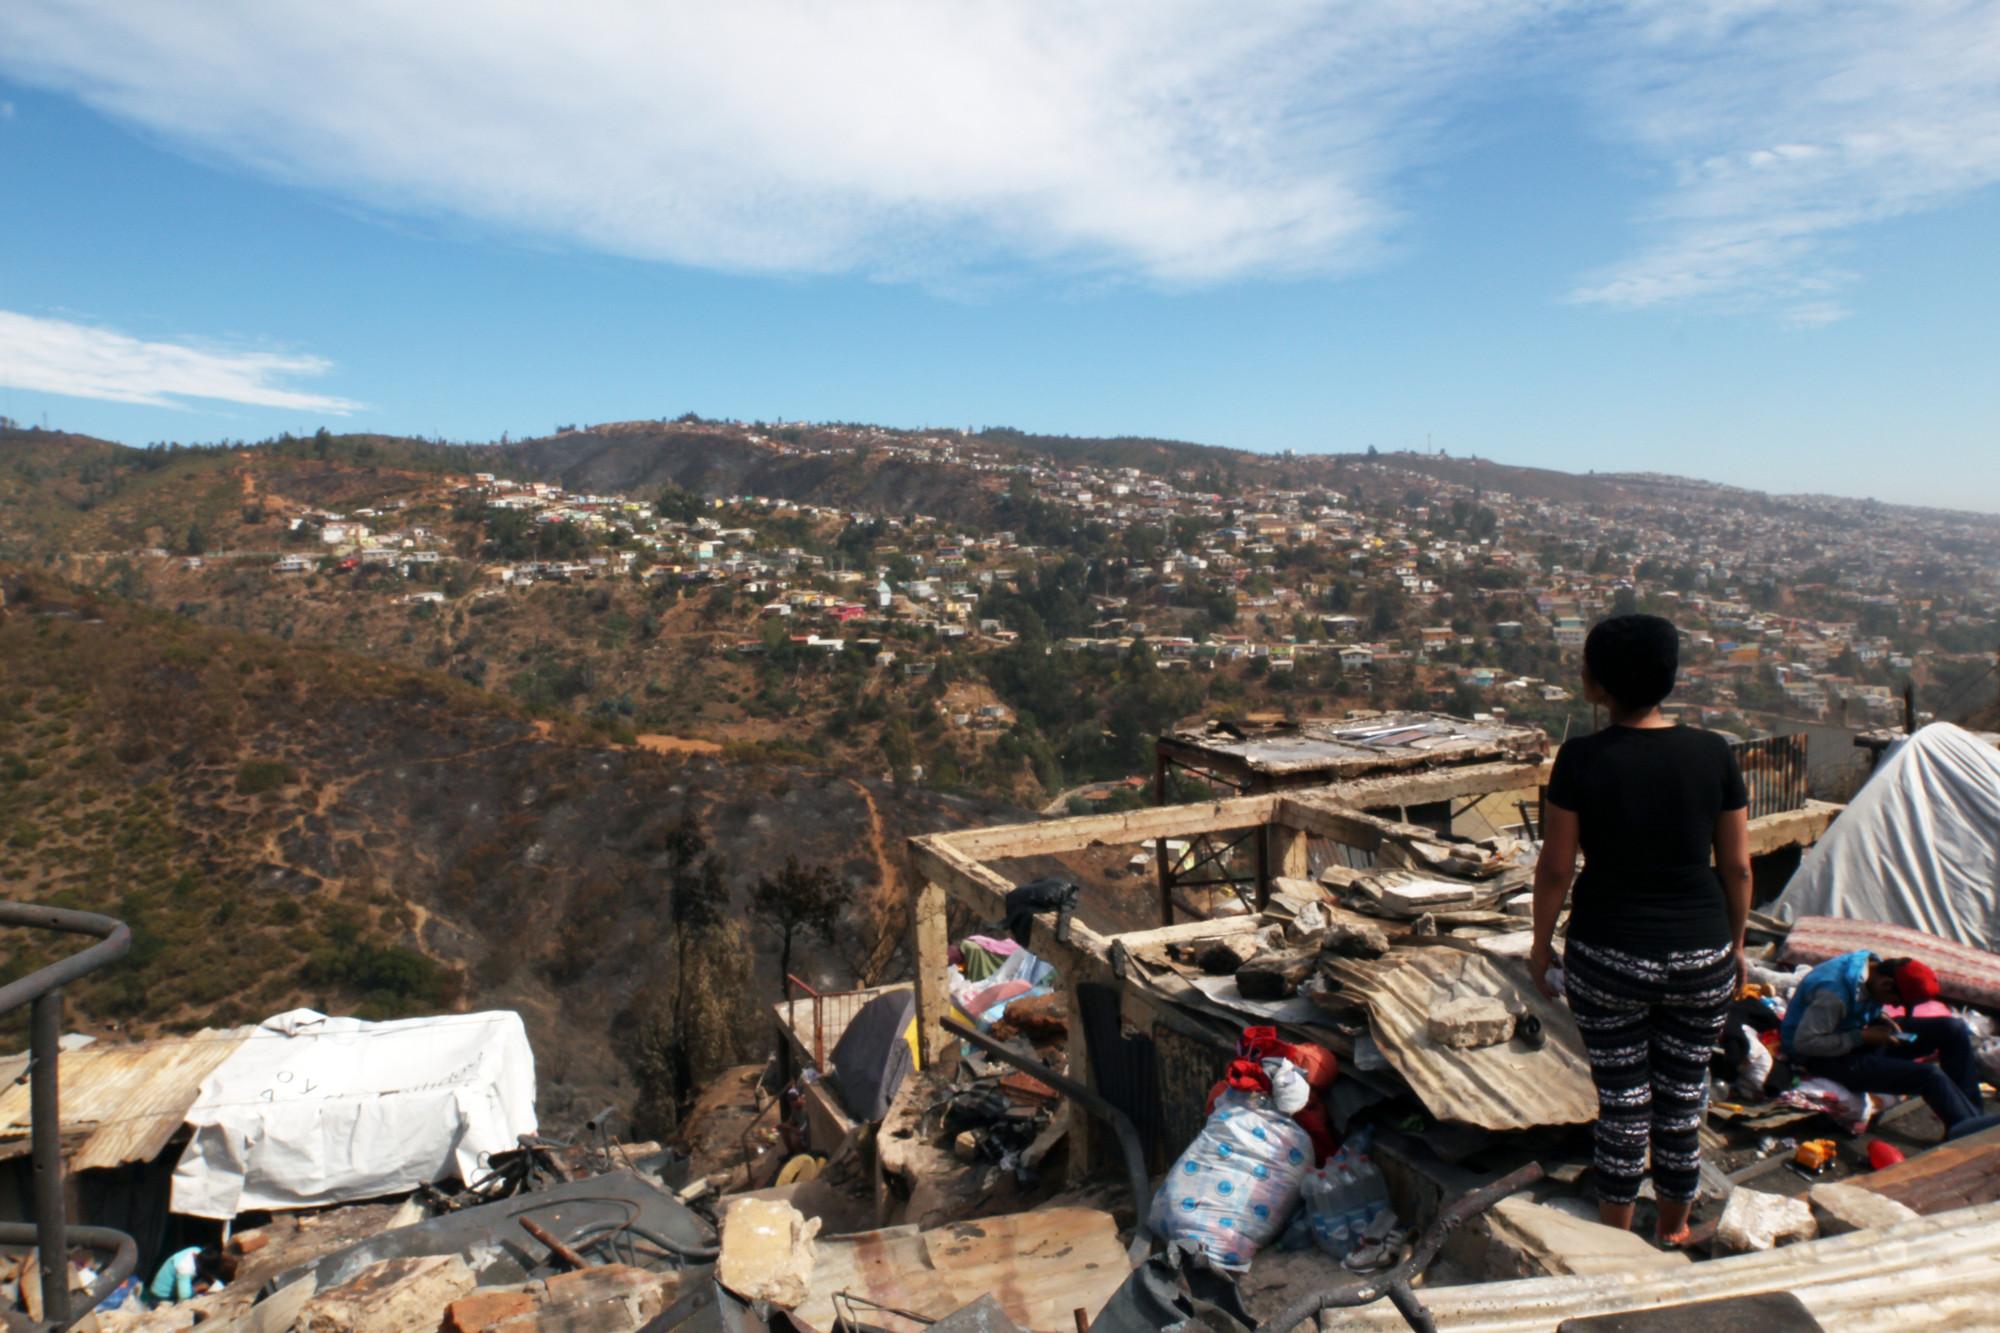 """A un mes del incendio, arquitectos Daniel Morales y Marcelo Ruiz Fernández: """"Valparaíso tocó fondo"""", Cerro La Cruz en Valparaíso, a días del incendio. Image © Nicolás Valencia M."""